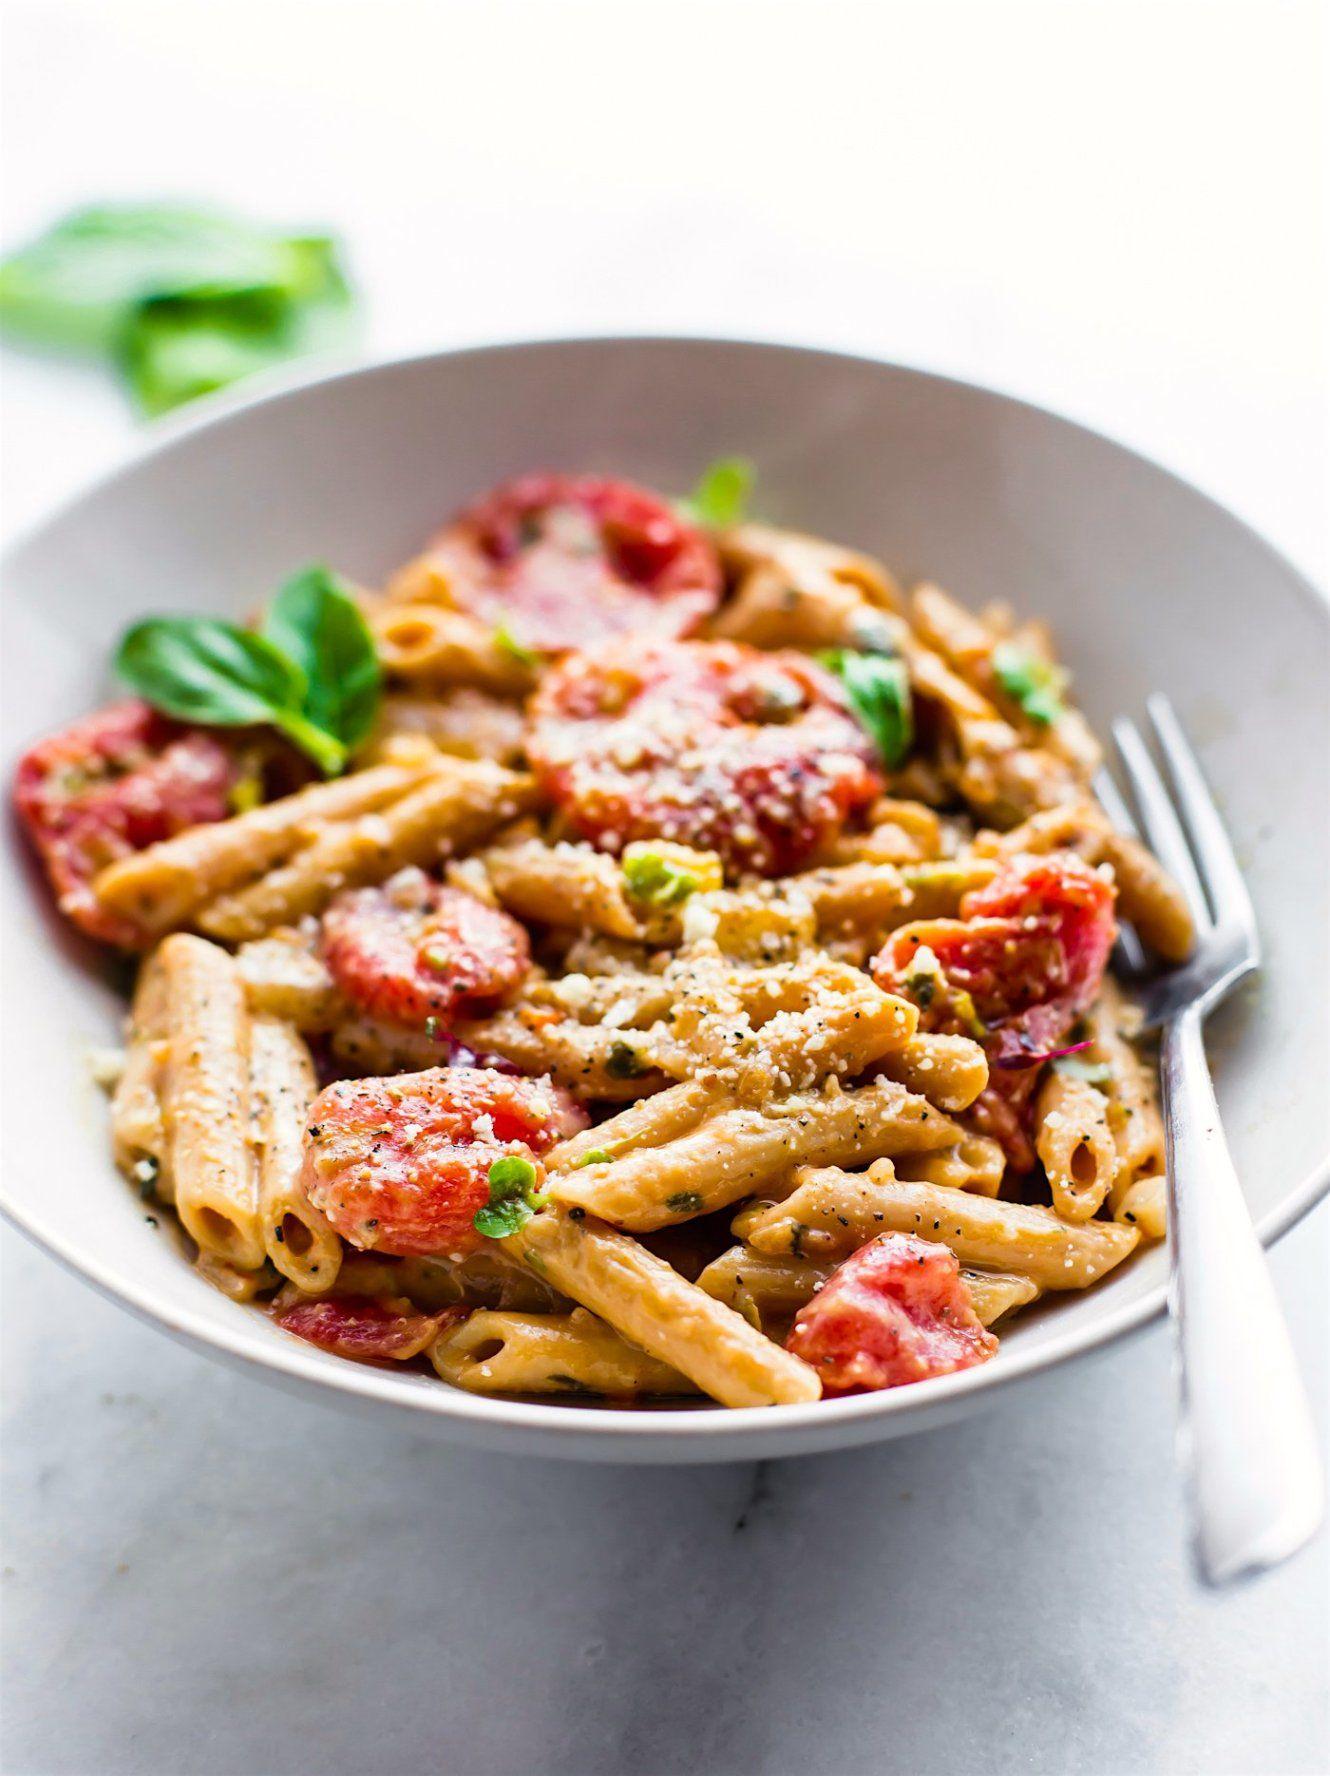 Creamy tomato gluten free pasta dairy free recipe